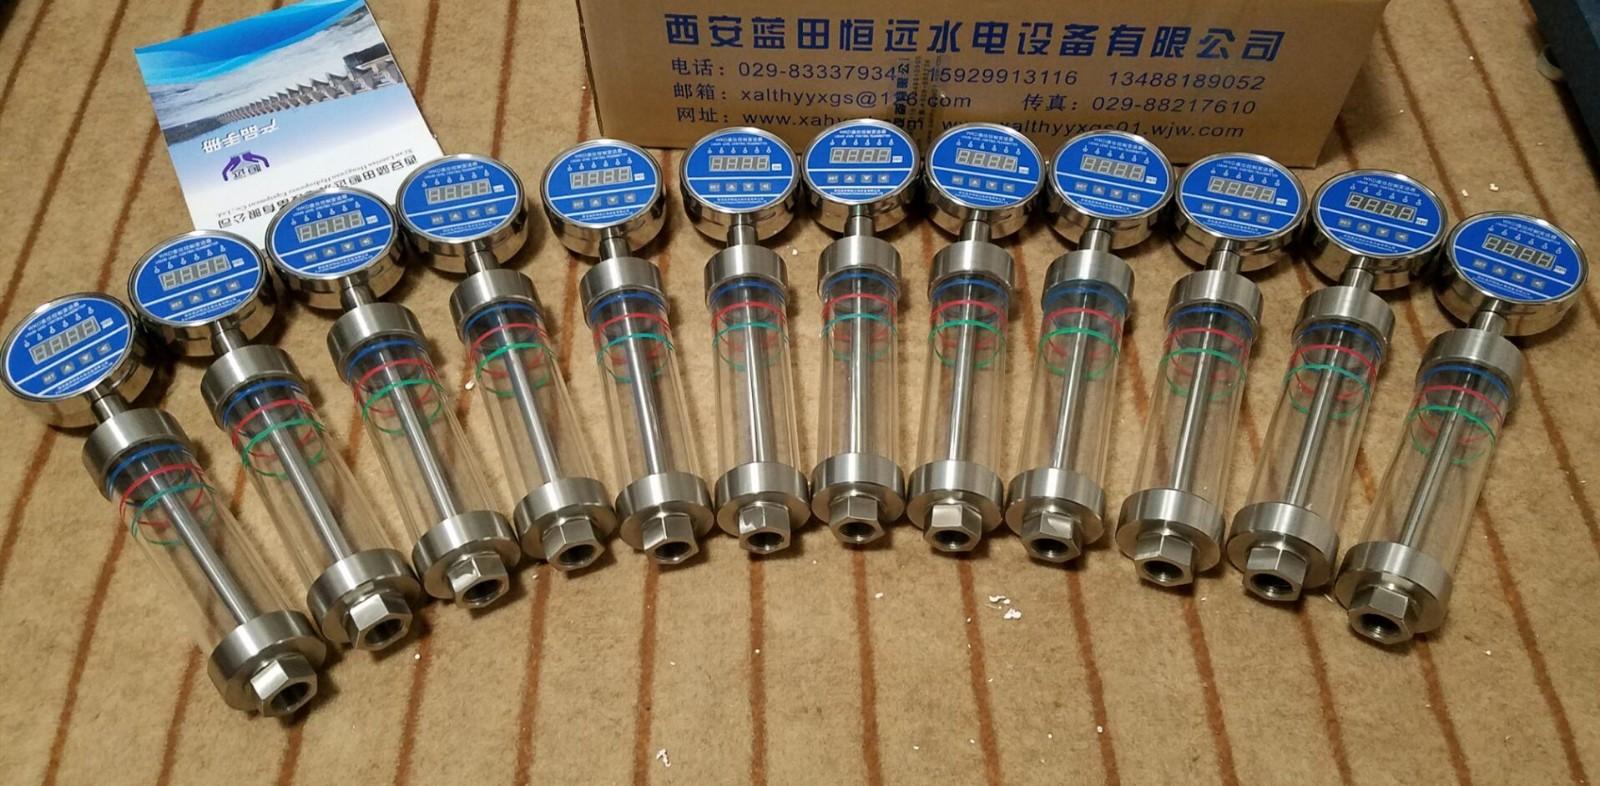 柘城机组油槽油位计LT-FHW-A750质保期